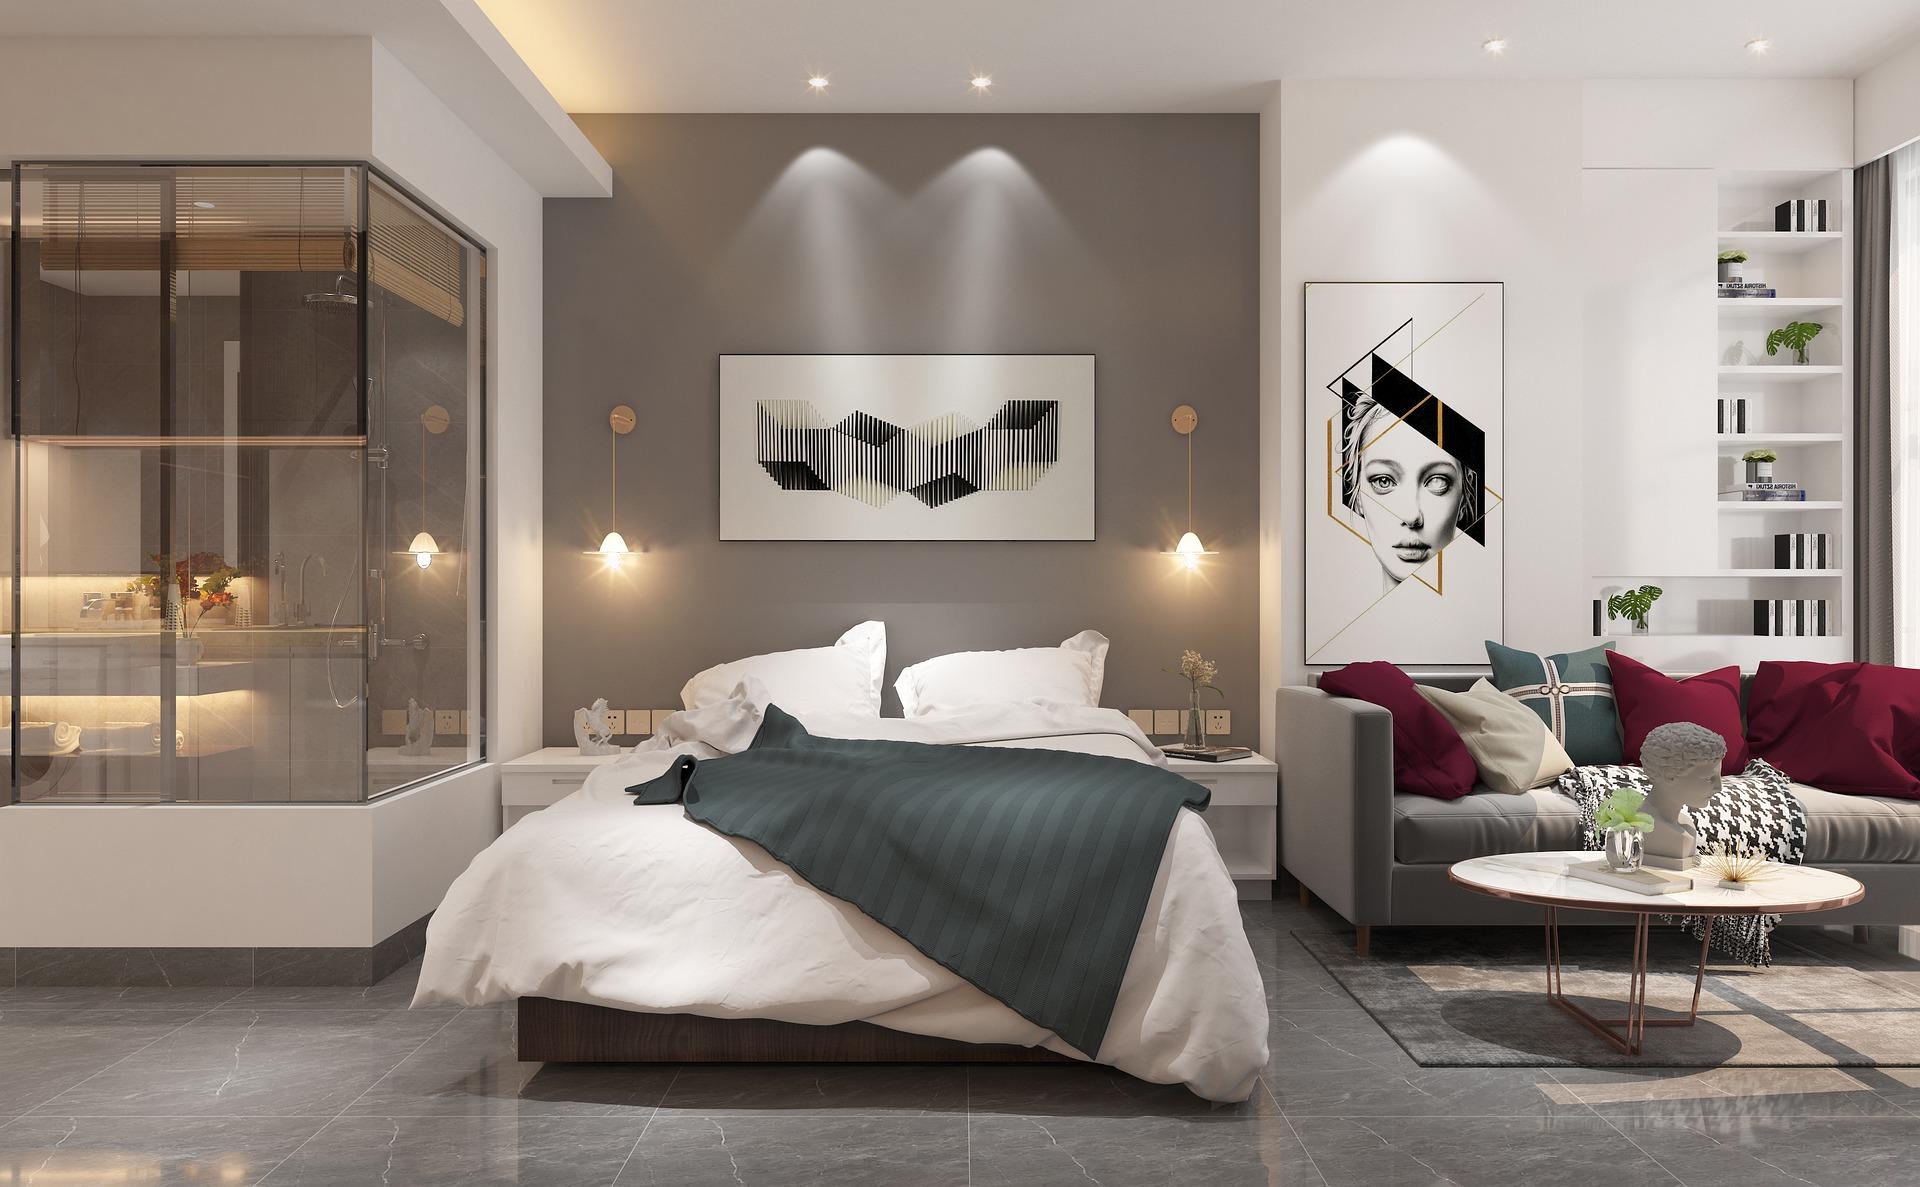 зонирование: спальня и гостиная в одном помещении